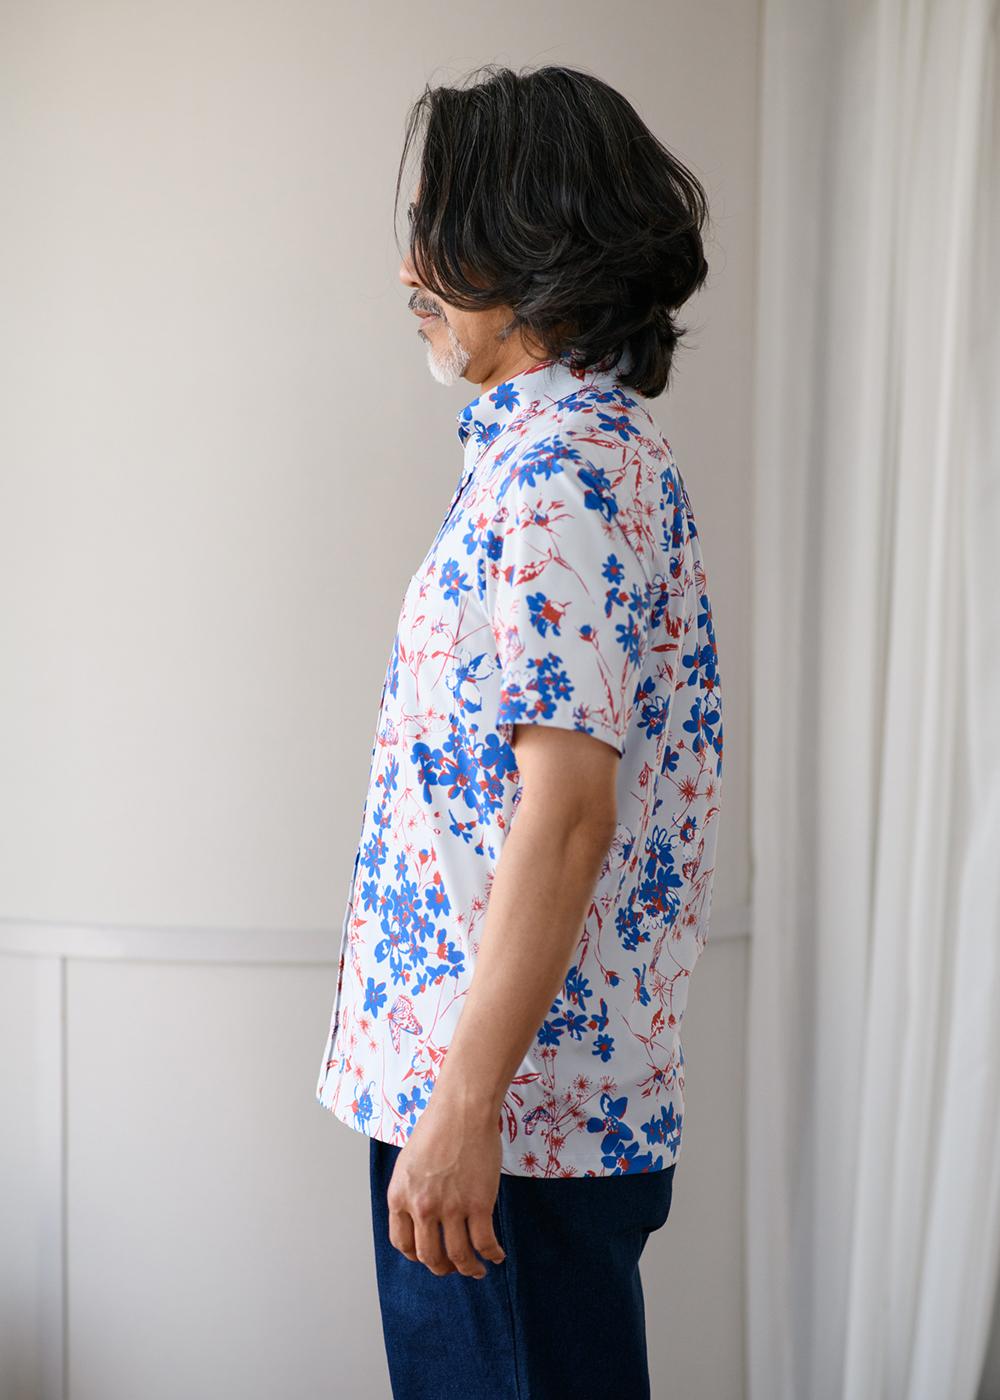 かりゆしウェア(沖縄版アロハシャツ) MAJUN - 百華